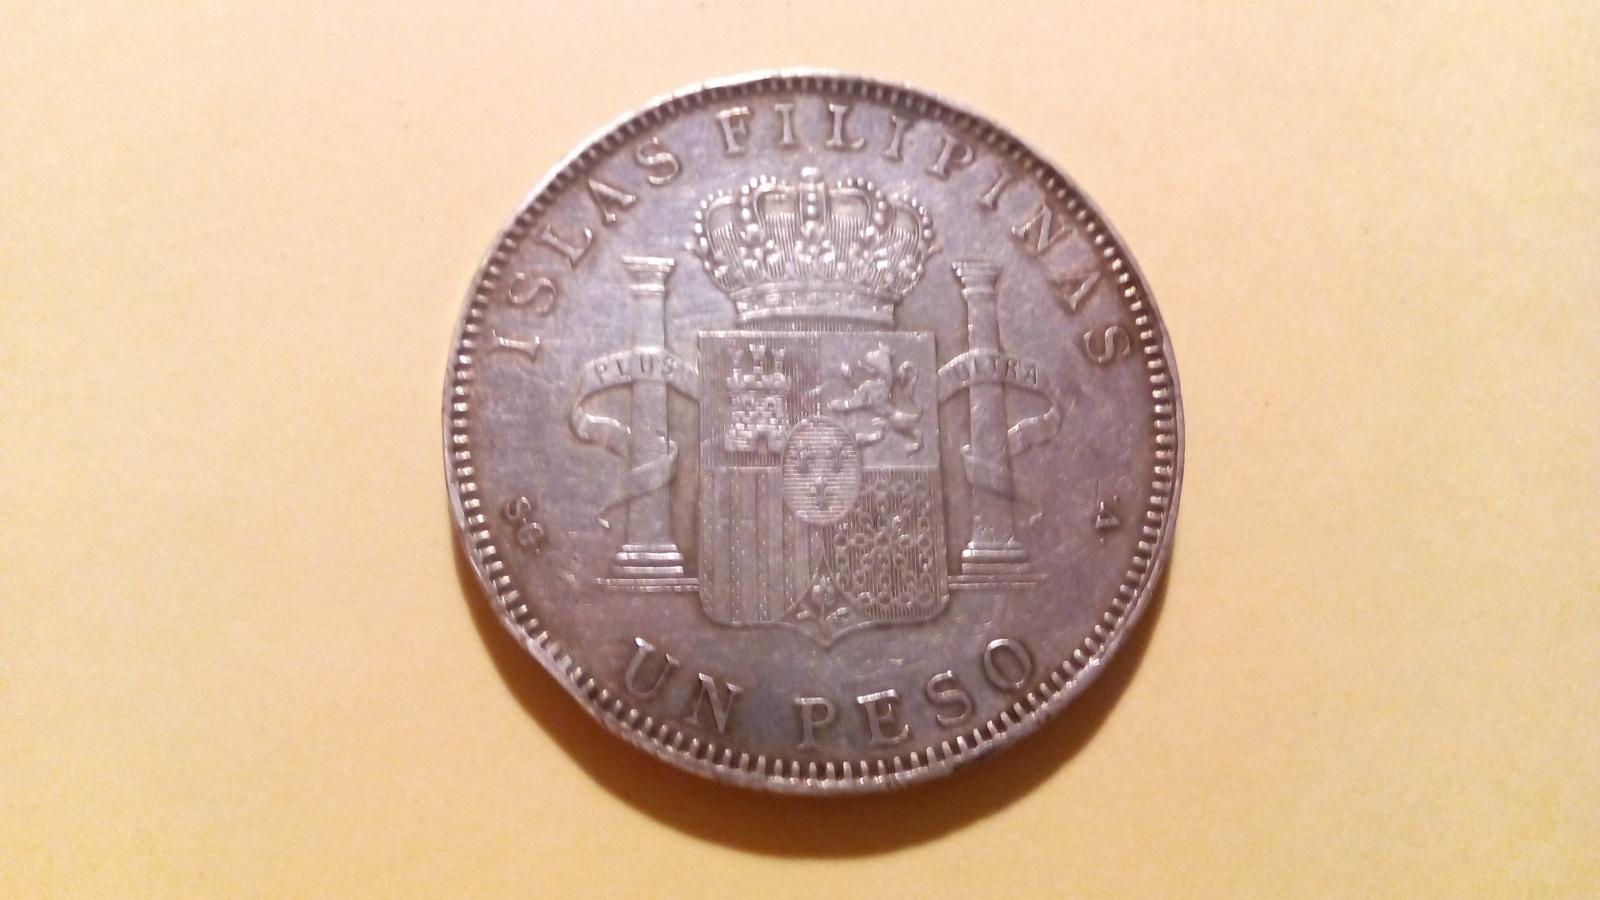 1 peso Filipinas 1897 5pj5ld